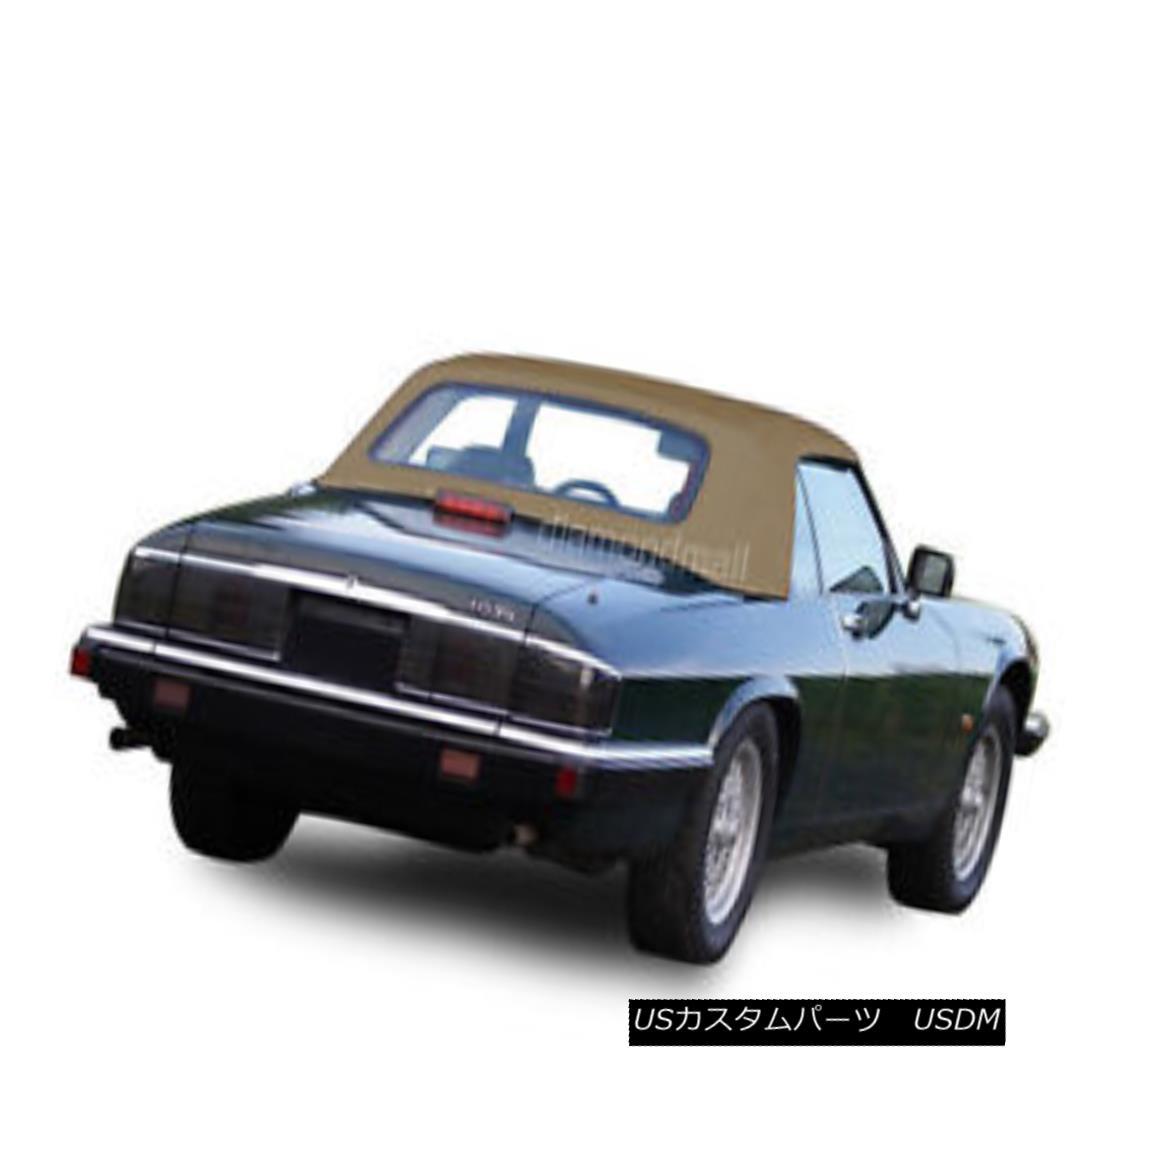 幌・ソフトトップ Jaguar XJS Convertible Soft Top 1989-1996 New HAARTZ Tan Stayfast Cloth ジャガーXJSコンバーチブルソフトトップ1989-1996新しいHAARTZタンステイファストクロス